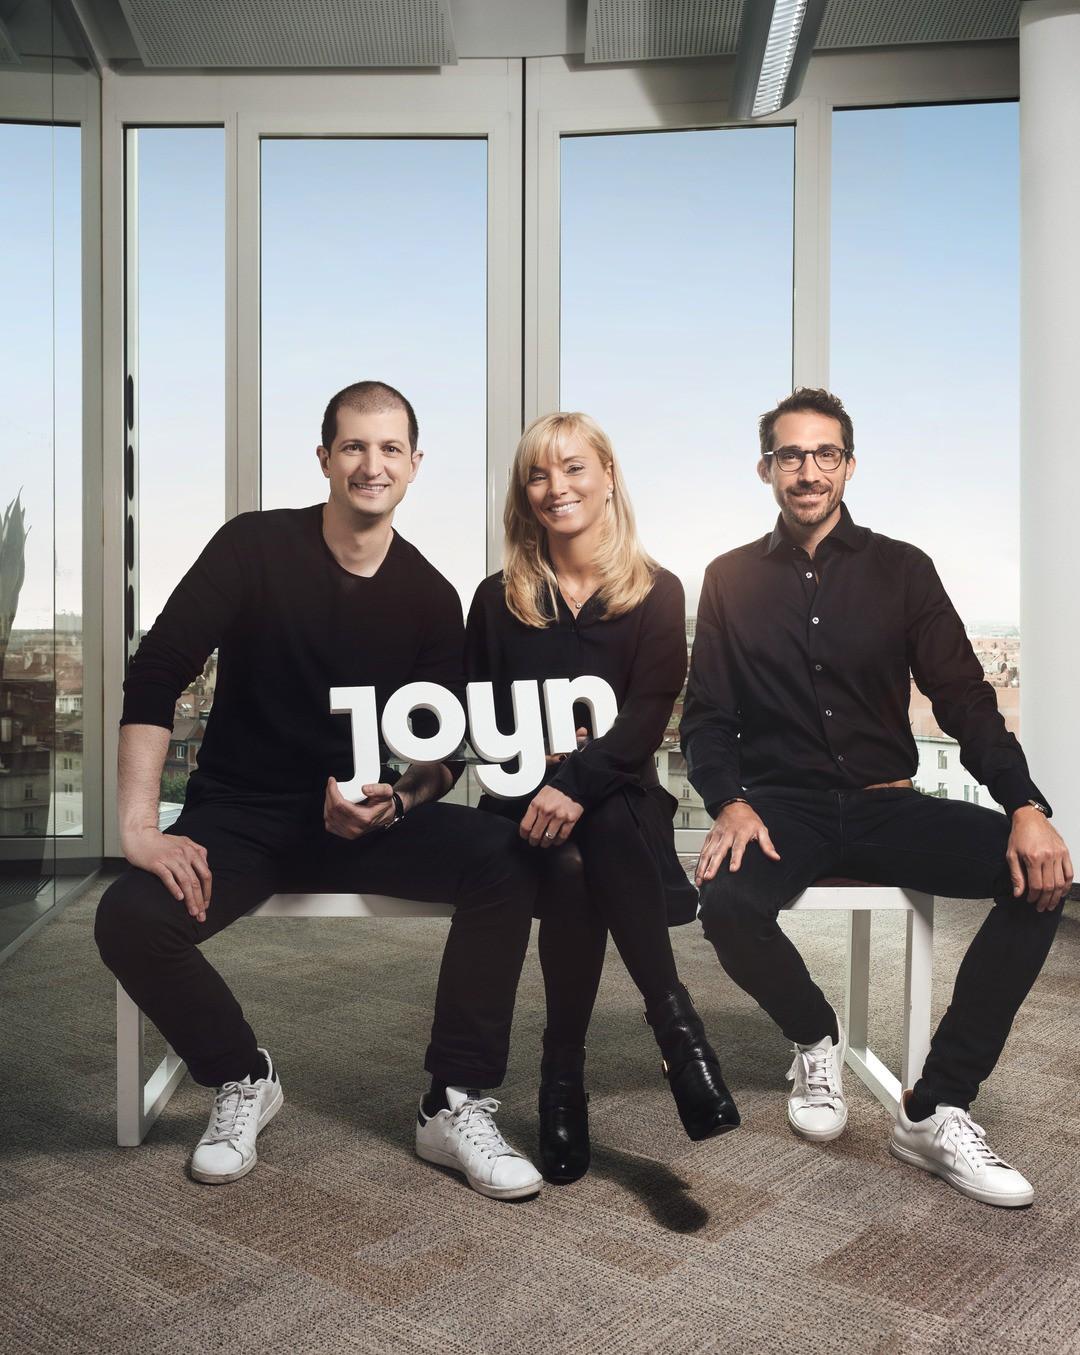 Joyn: Deutsche Netflix-Konkurrenz startet heute - Exklusive Serien und Filme - Bild 1 von 5